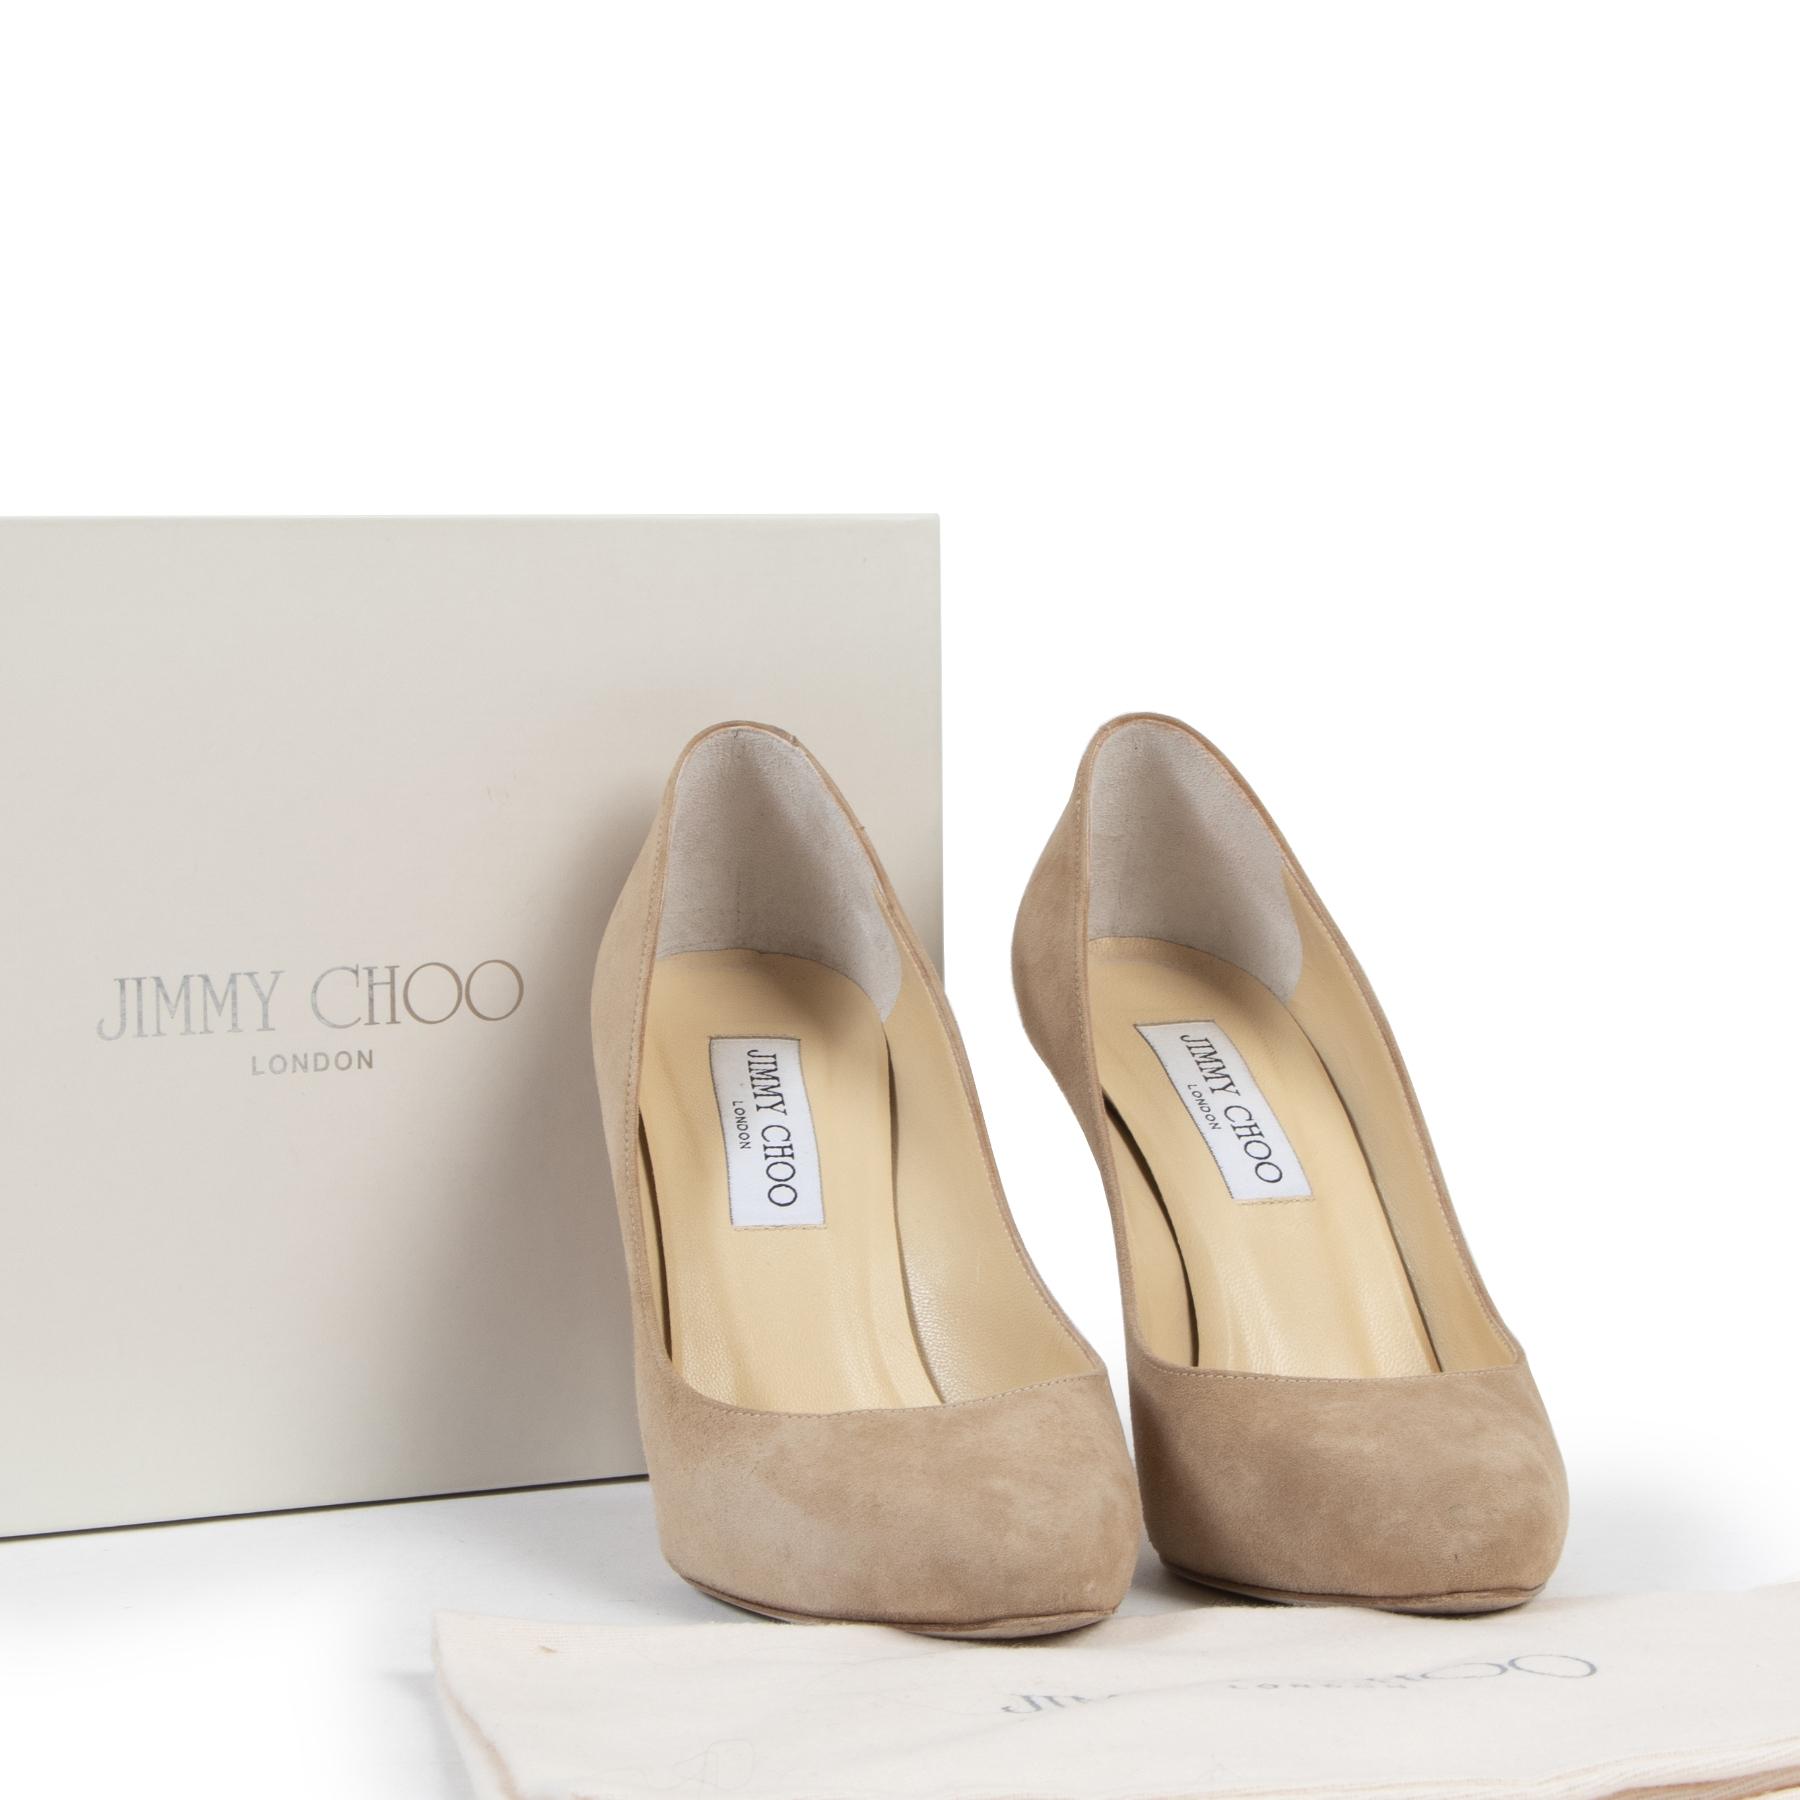 Jimmy Choo Beige Suede Heels - Size 37